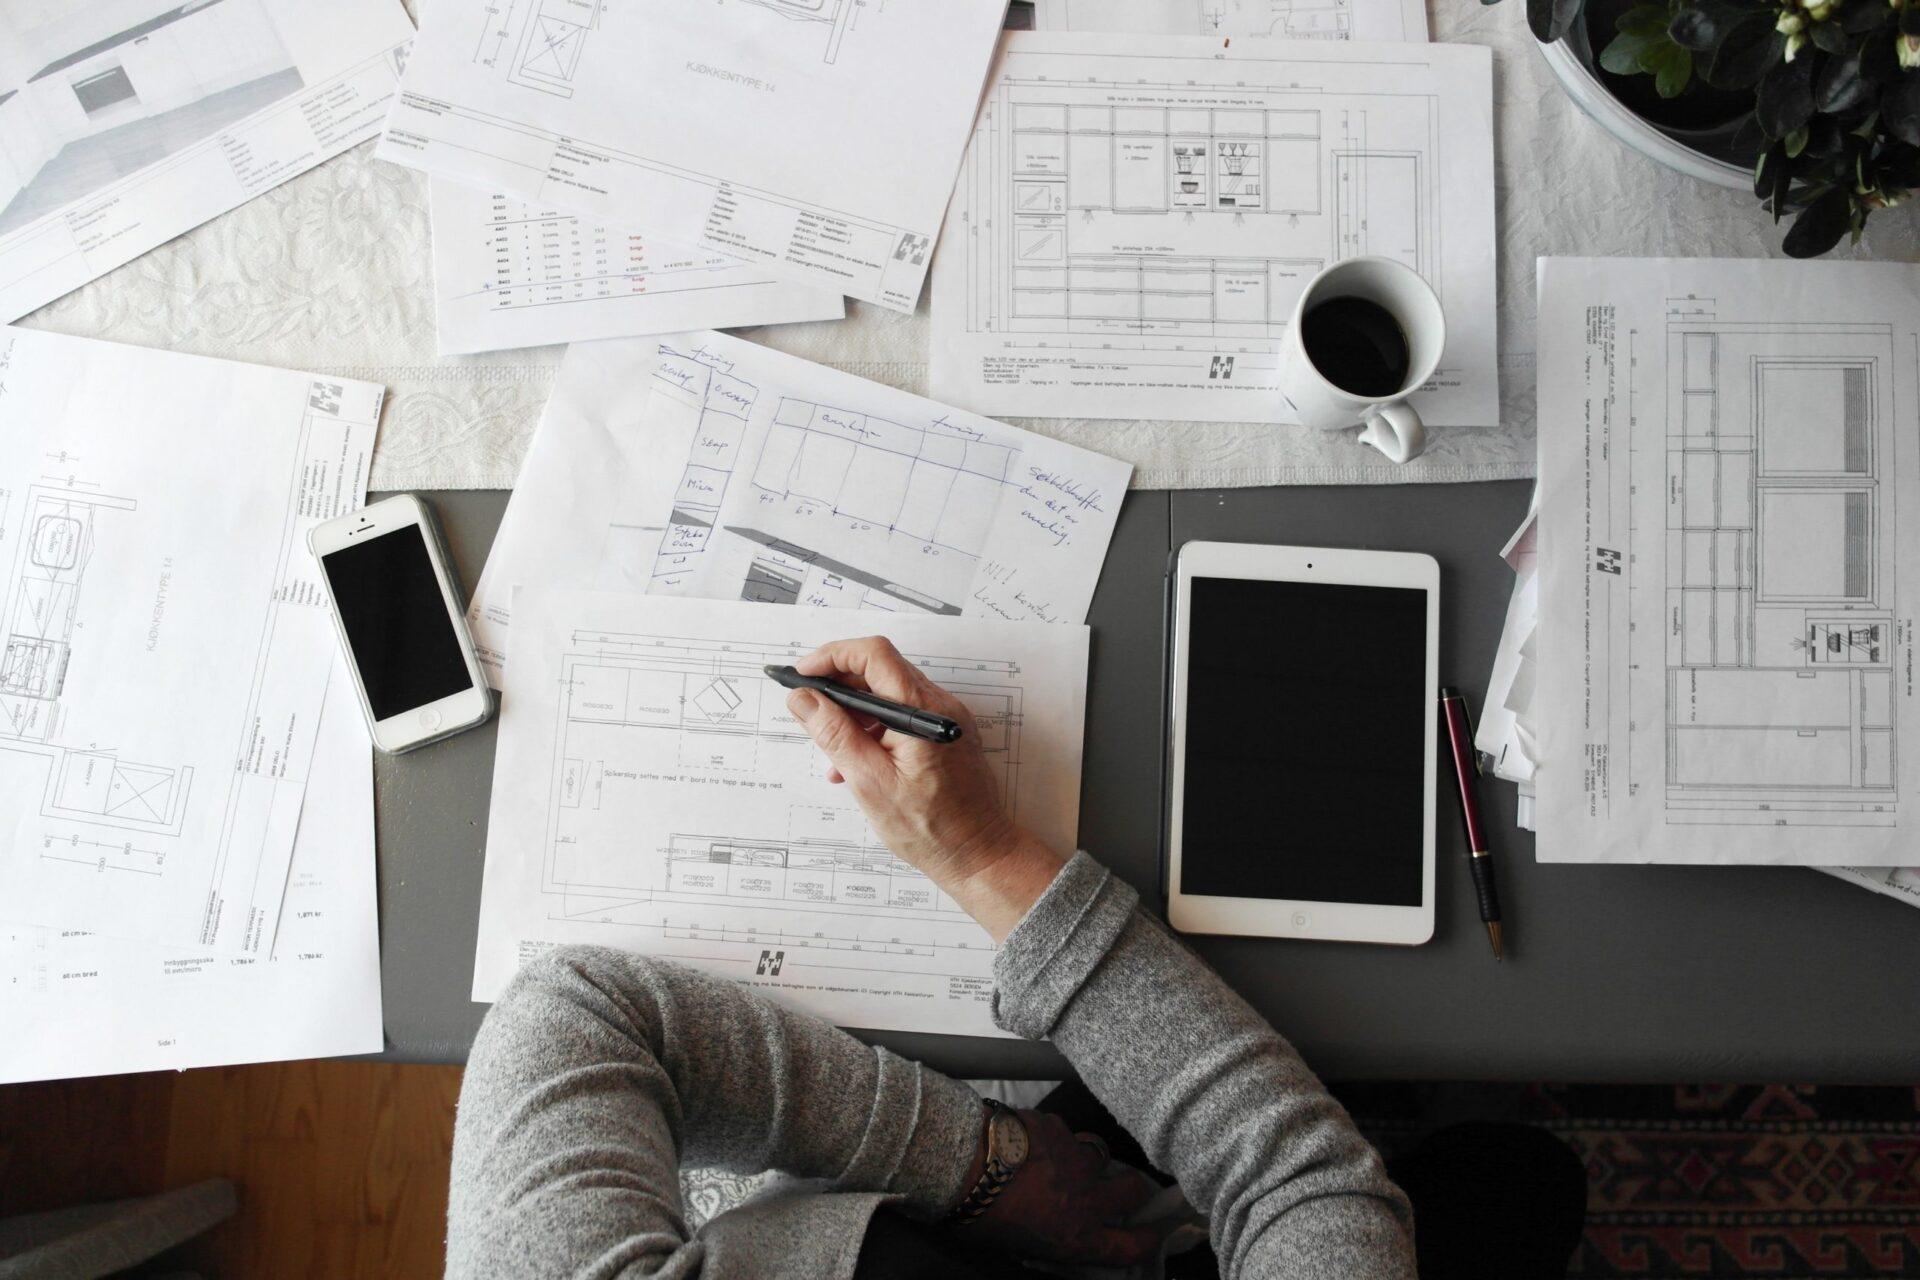 構造設計一級建築士試験の難易度を合格率や受験資格から解説